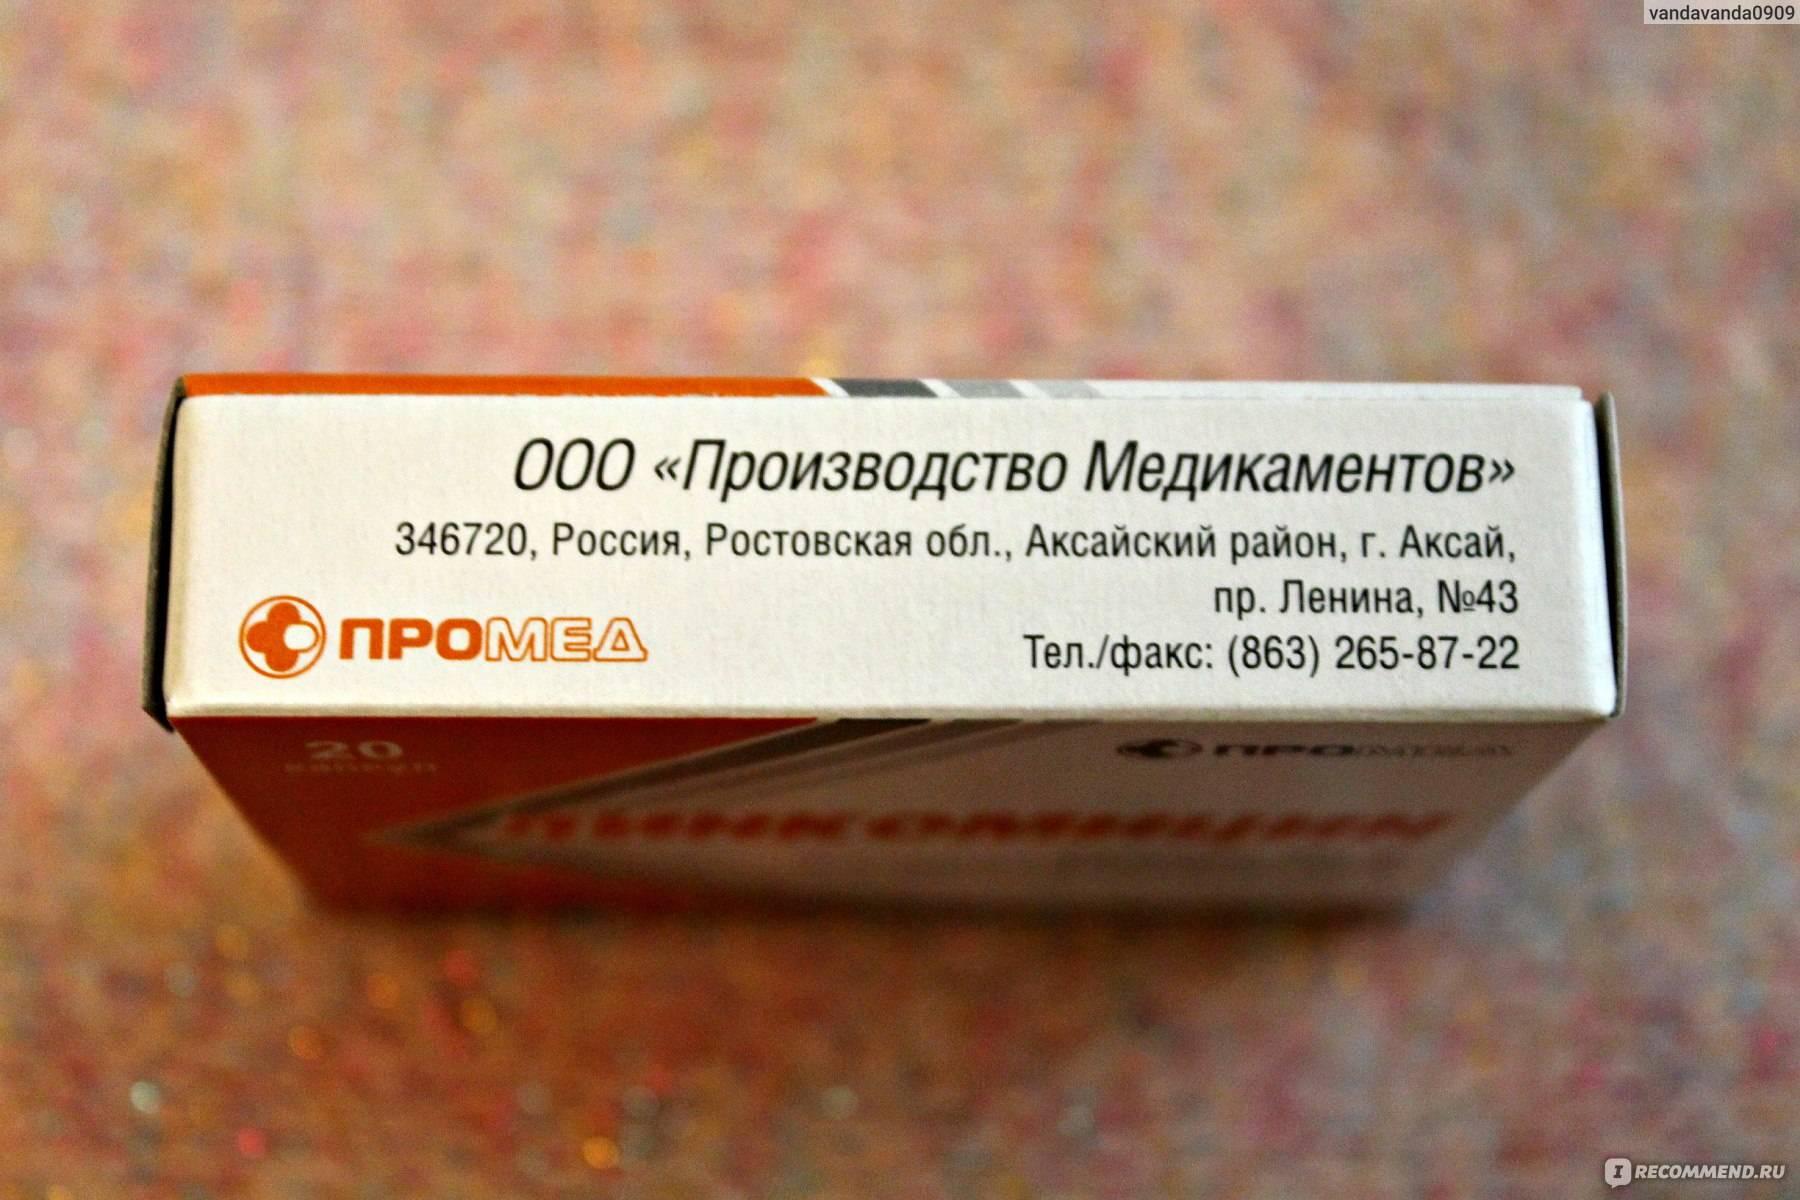 Какие антибиотики назначаются в период лечения фурункулеза